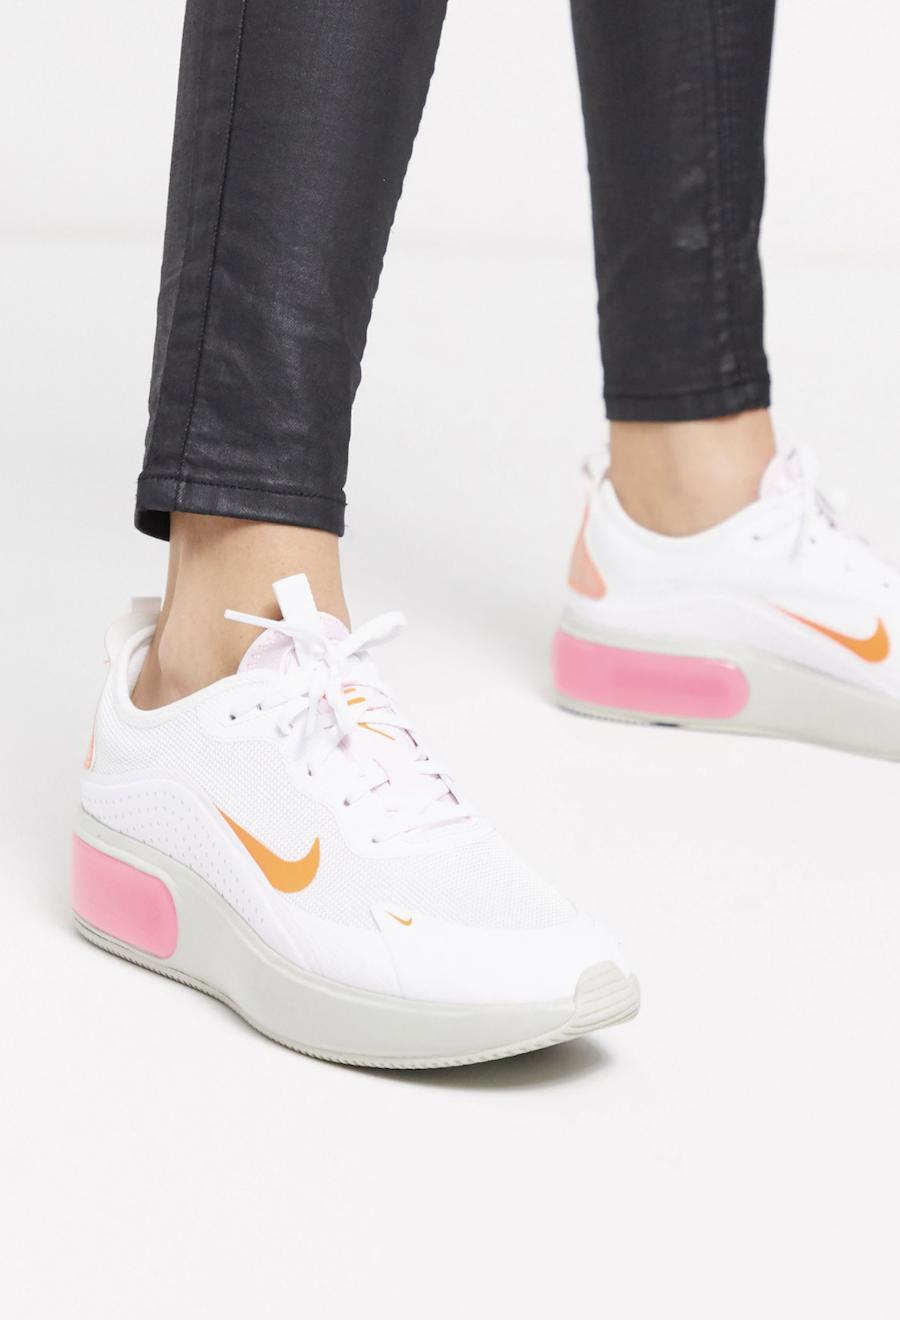 Zapatillas en blanco, rosa y naranja Air Max Dia de Nike